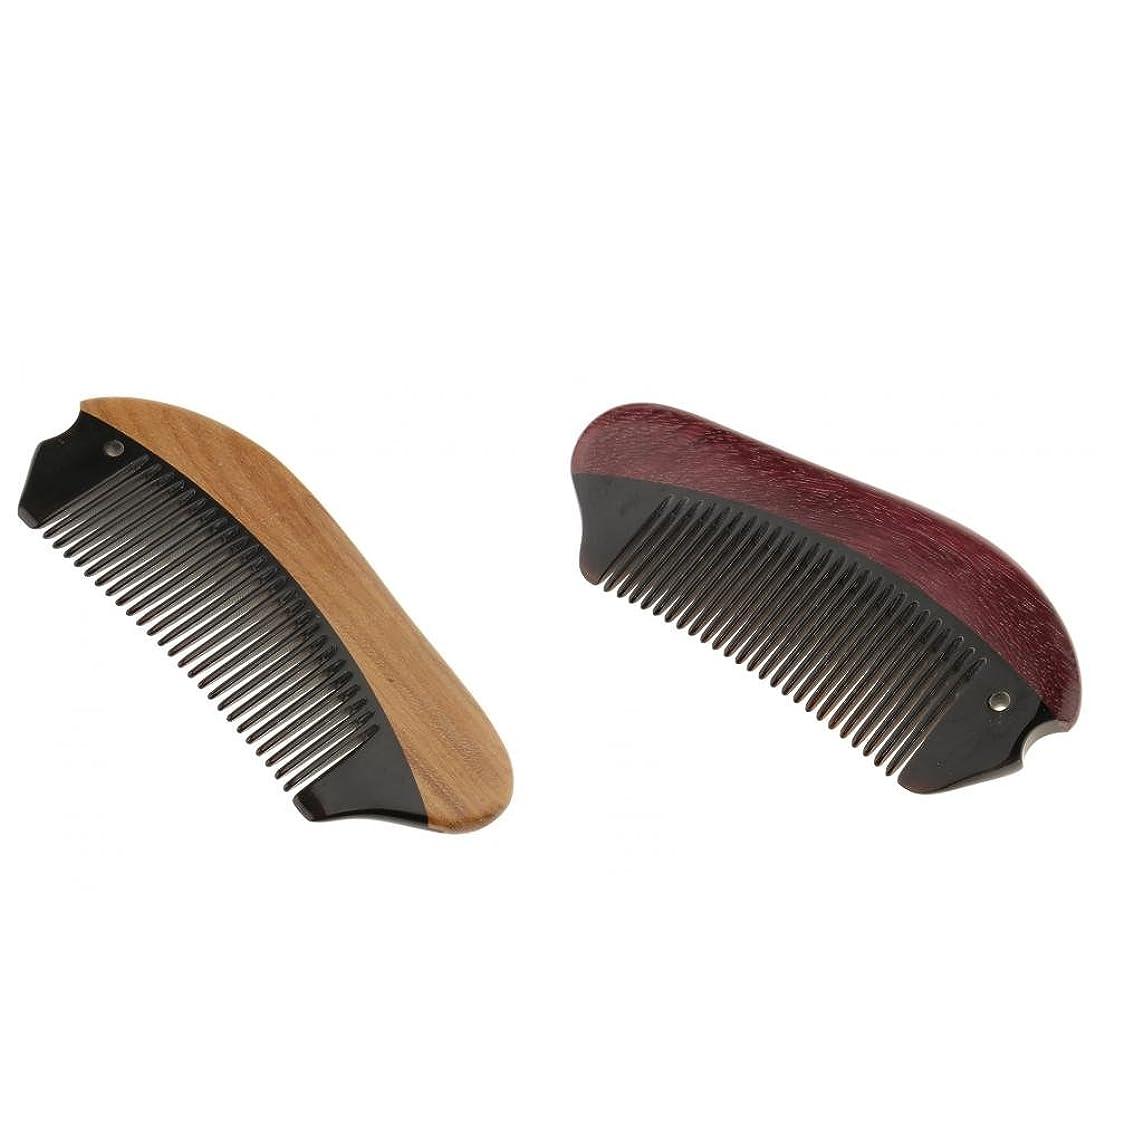 ニュージーランドメーター剥ぎ取るFenteer 2個 木製 櫛 コーム 静電気防止 ハート ウッド 髪 マッサージ